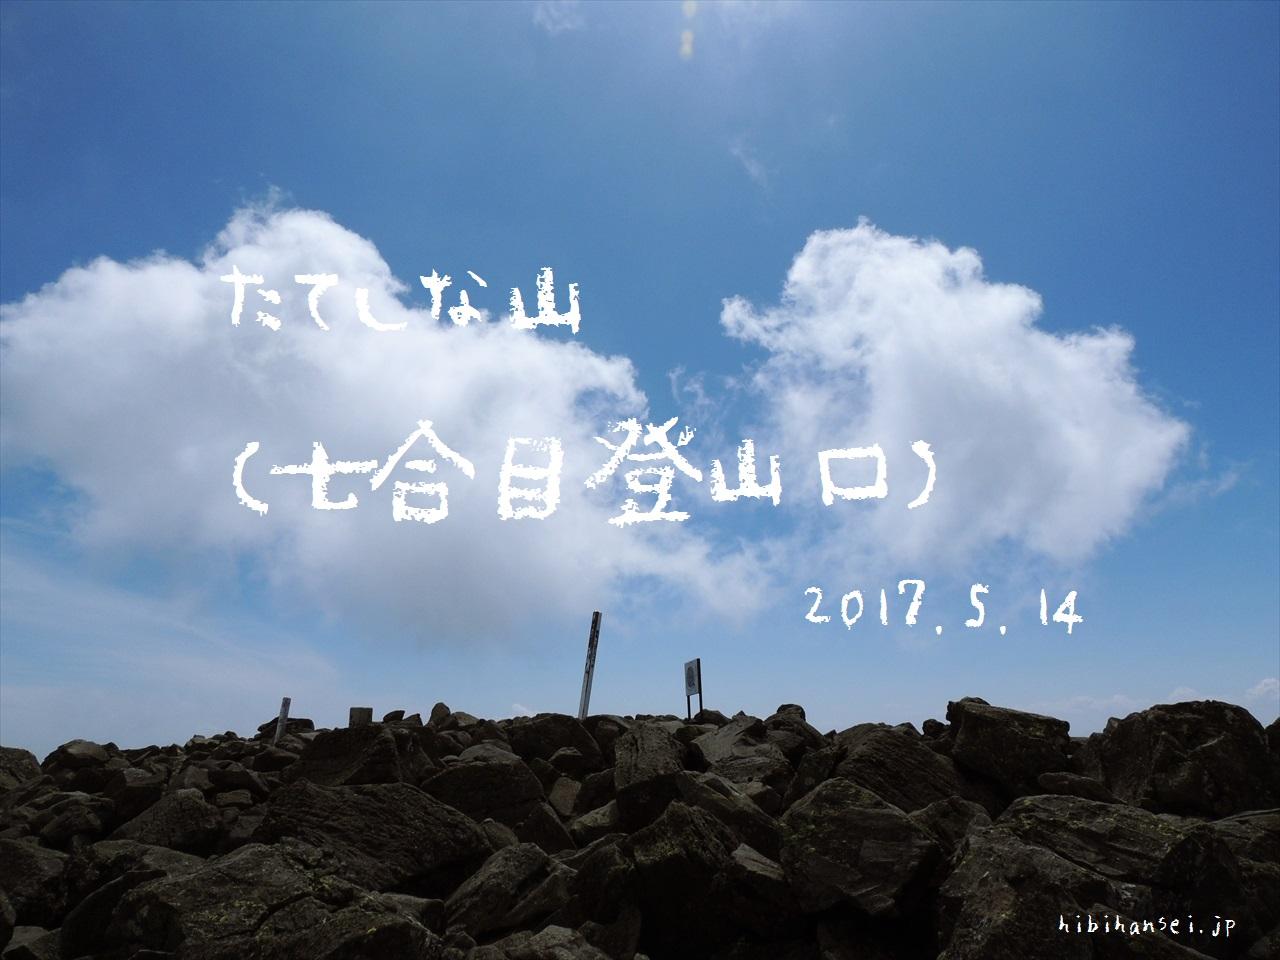 蓼科山 雪山登山(七合目登山口) 溶岩と残雪の諏訪の富士山(2017.5.14)